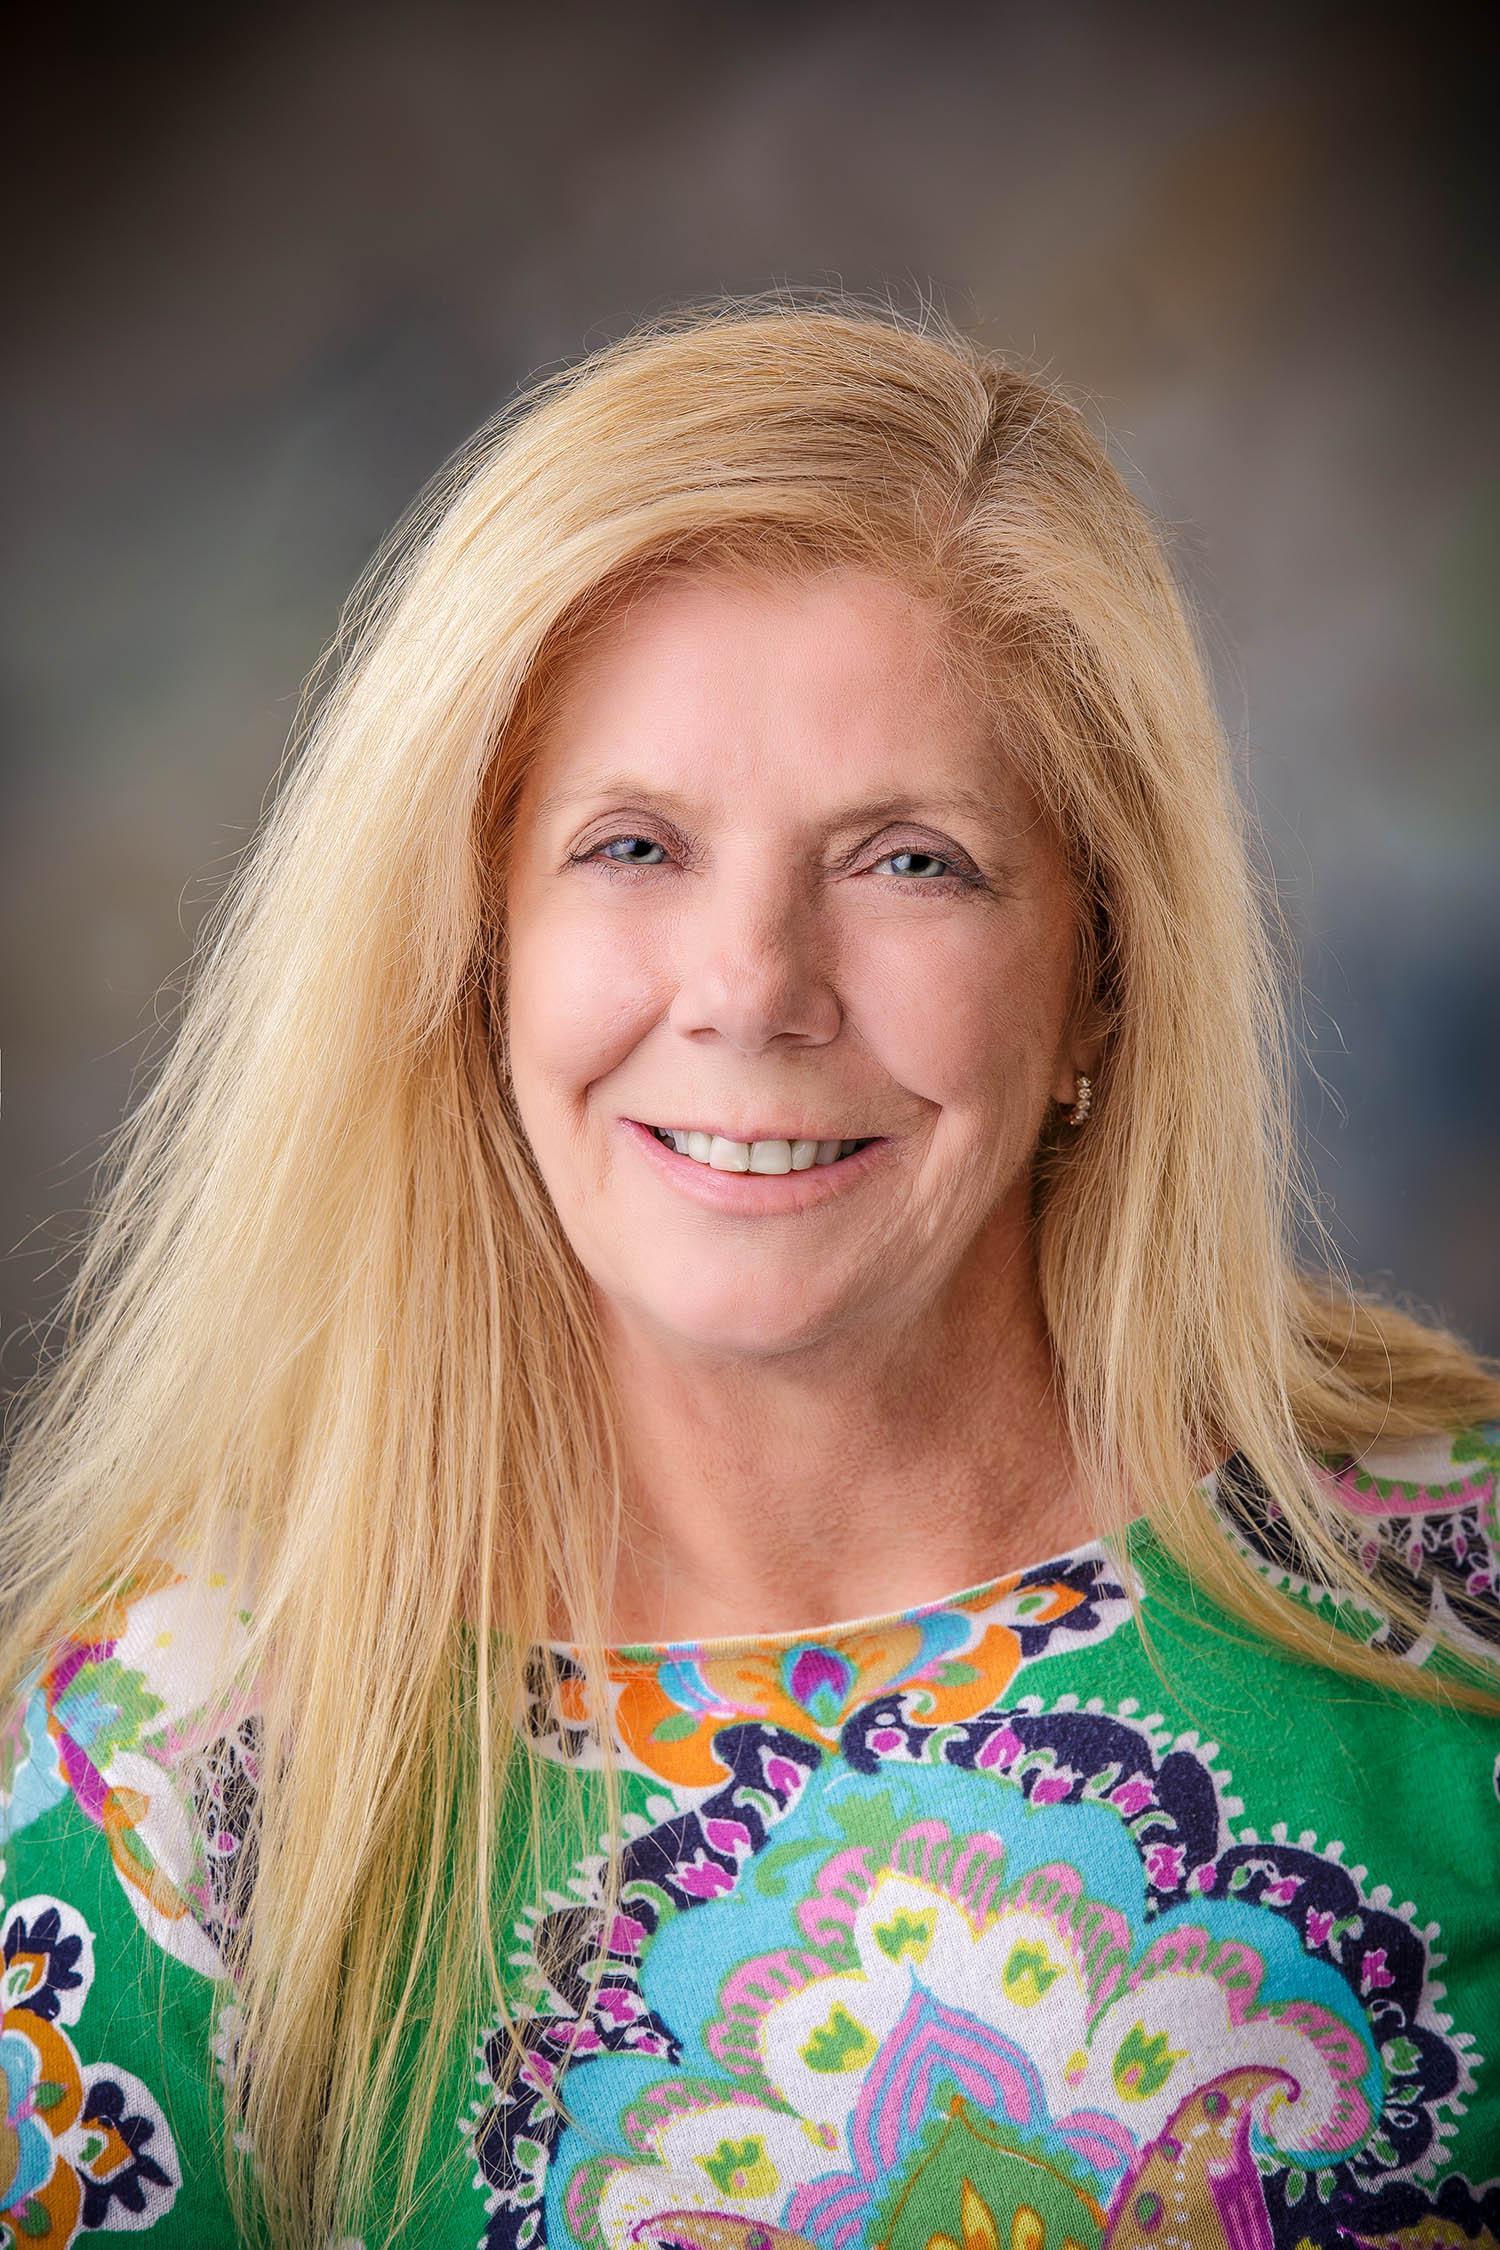 Cynthia Pellegrin - Region III